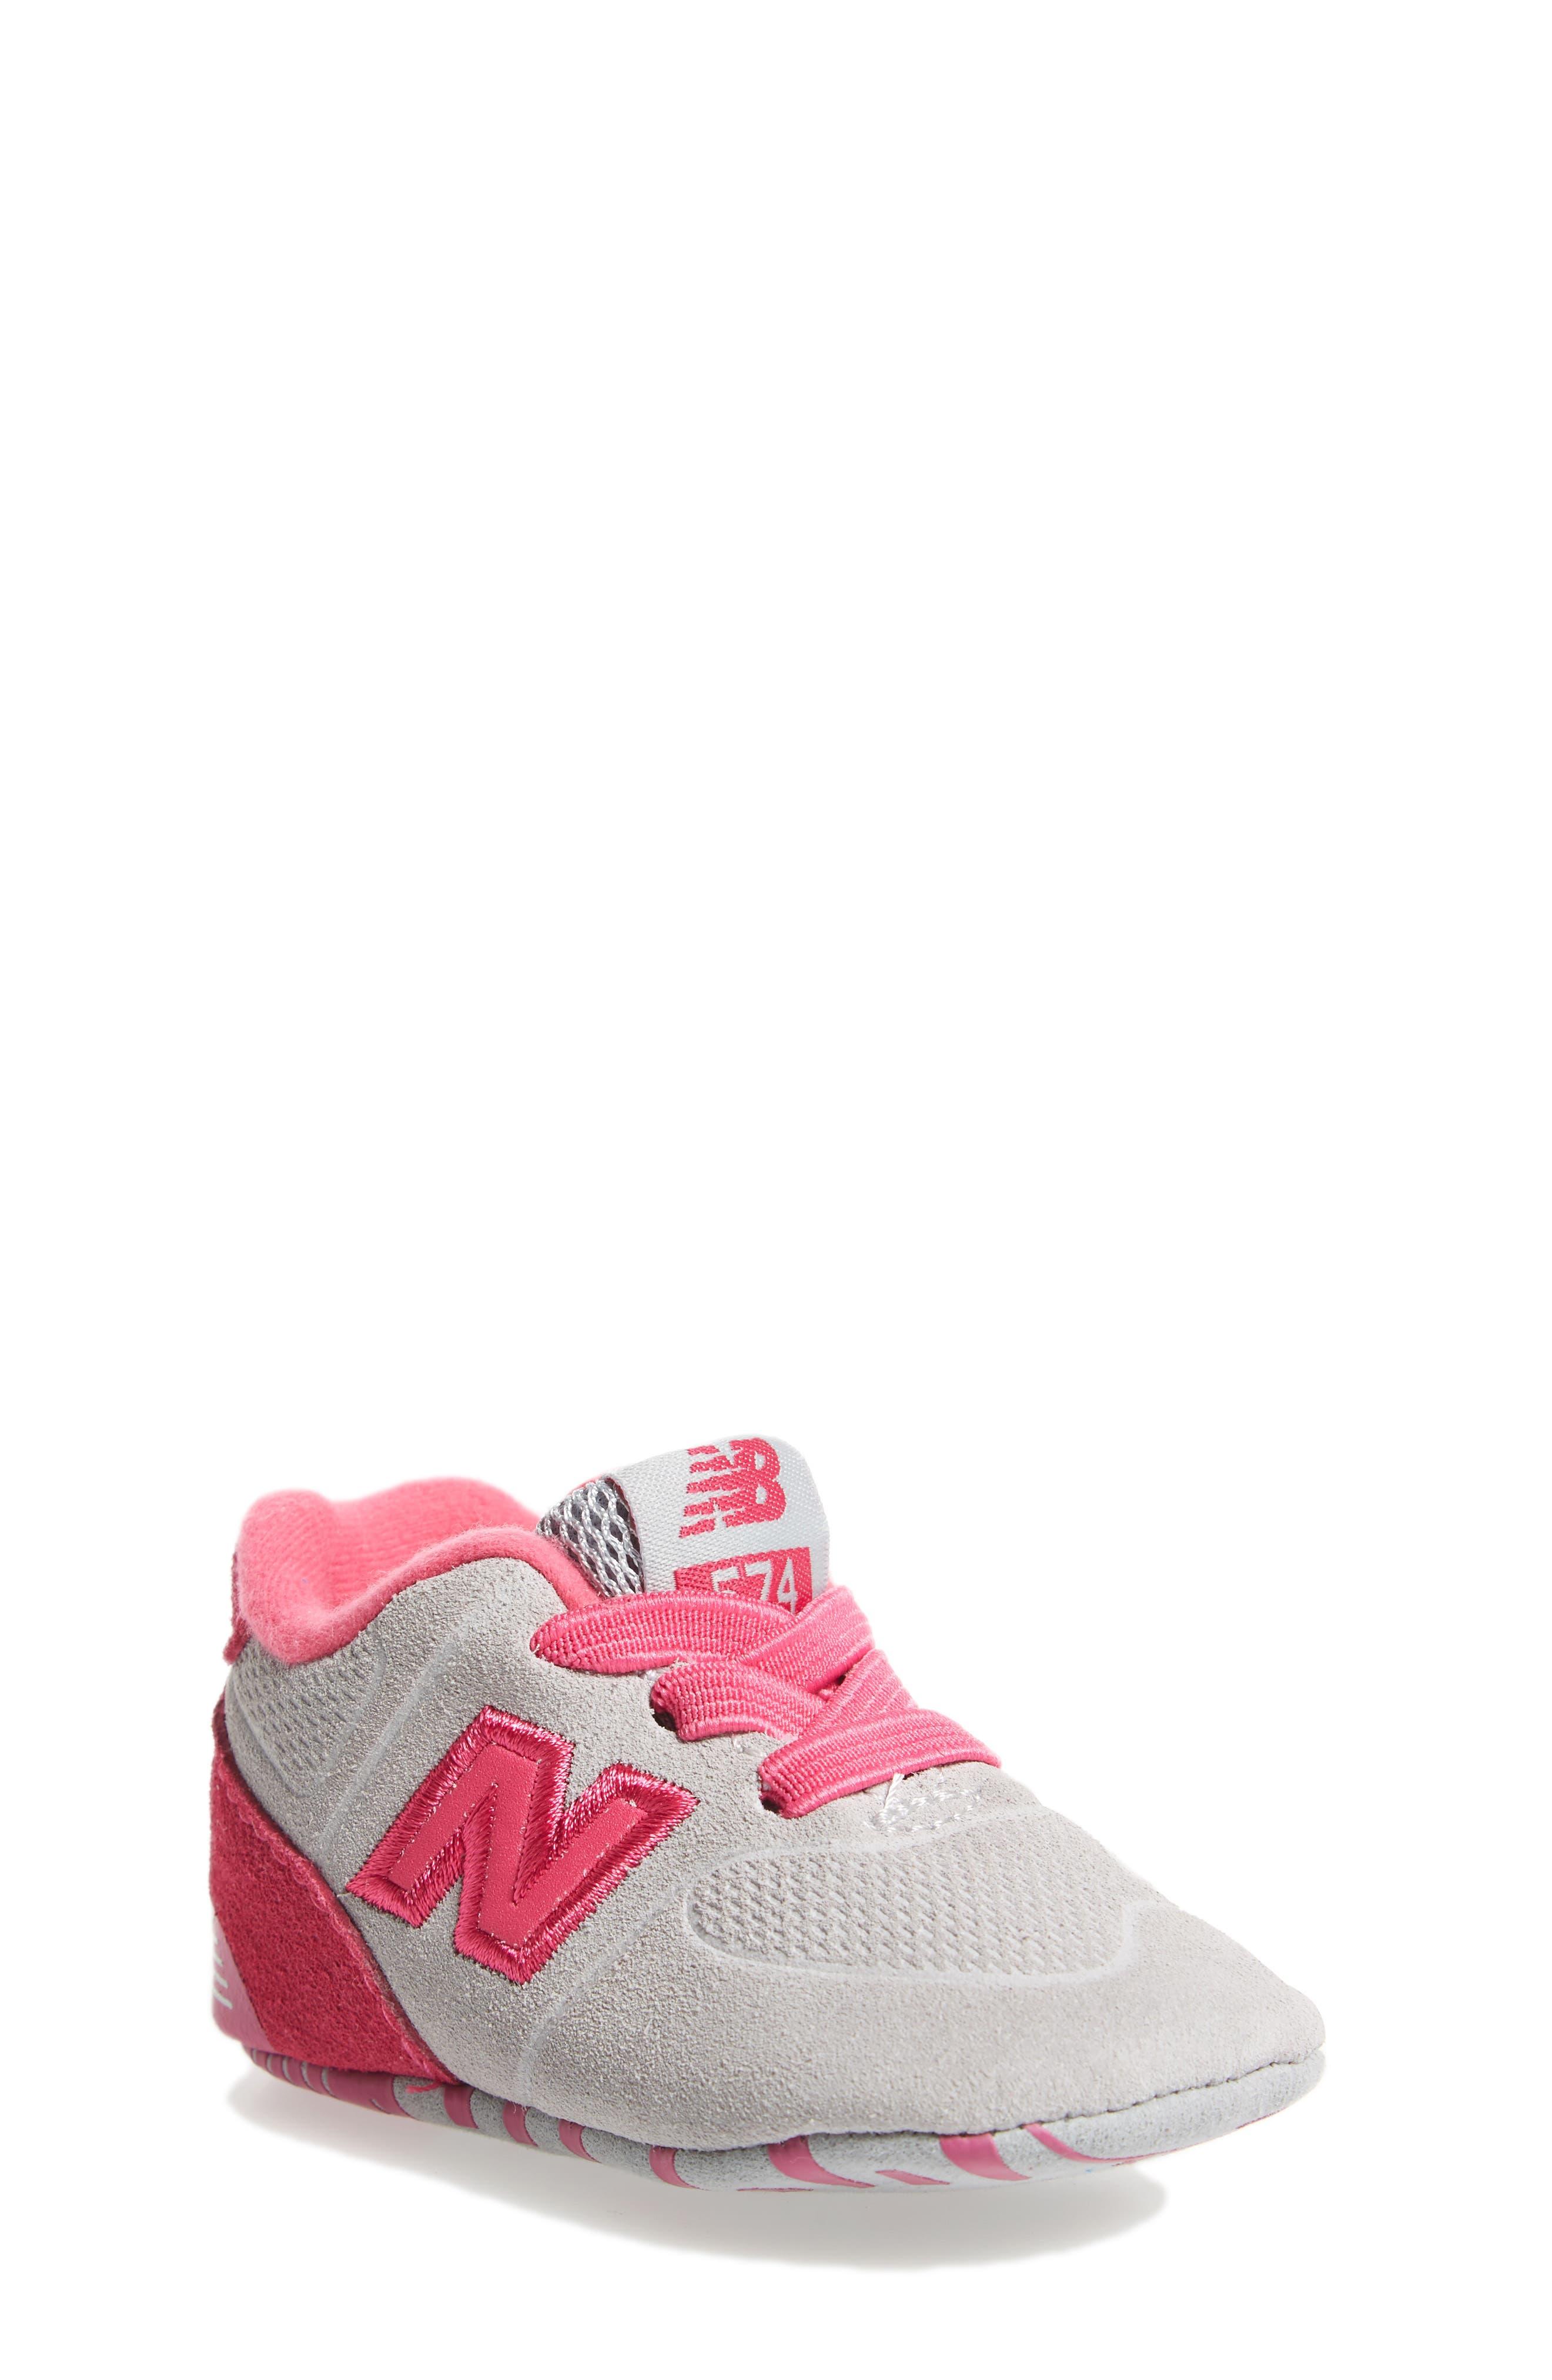 574 Crib Shoe,                             Main thumbnail 1, color,                             Pink/ Grey